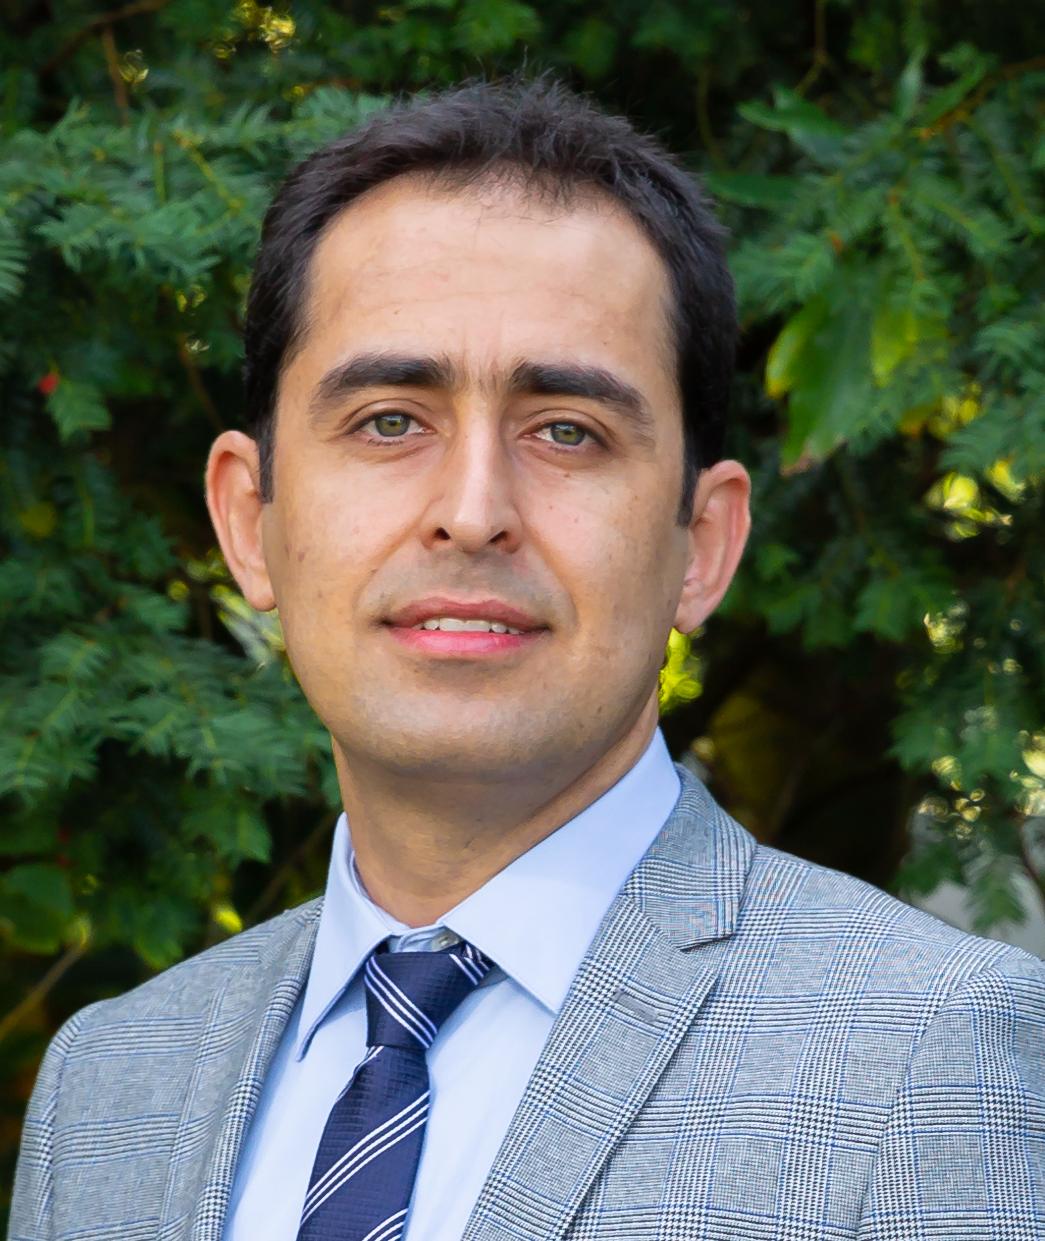 Taher Ahmadi